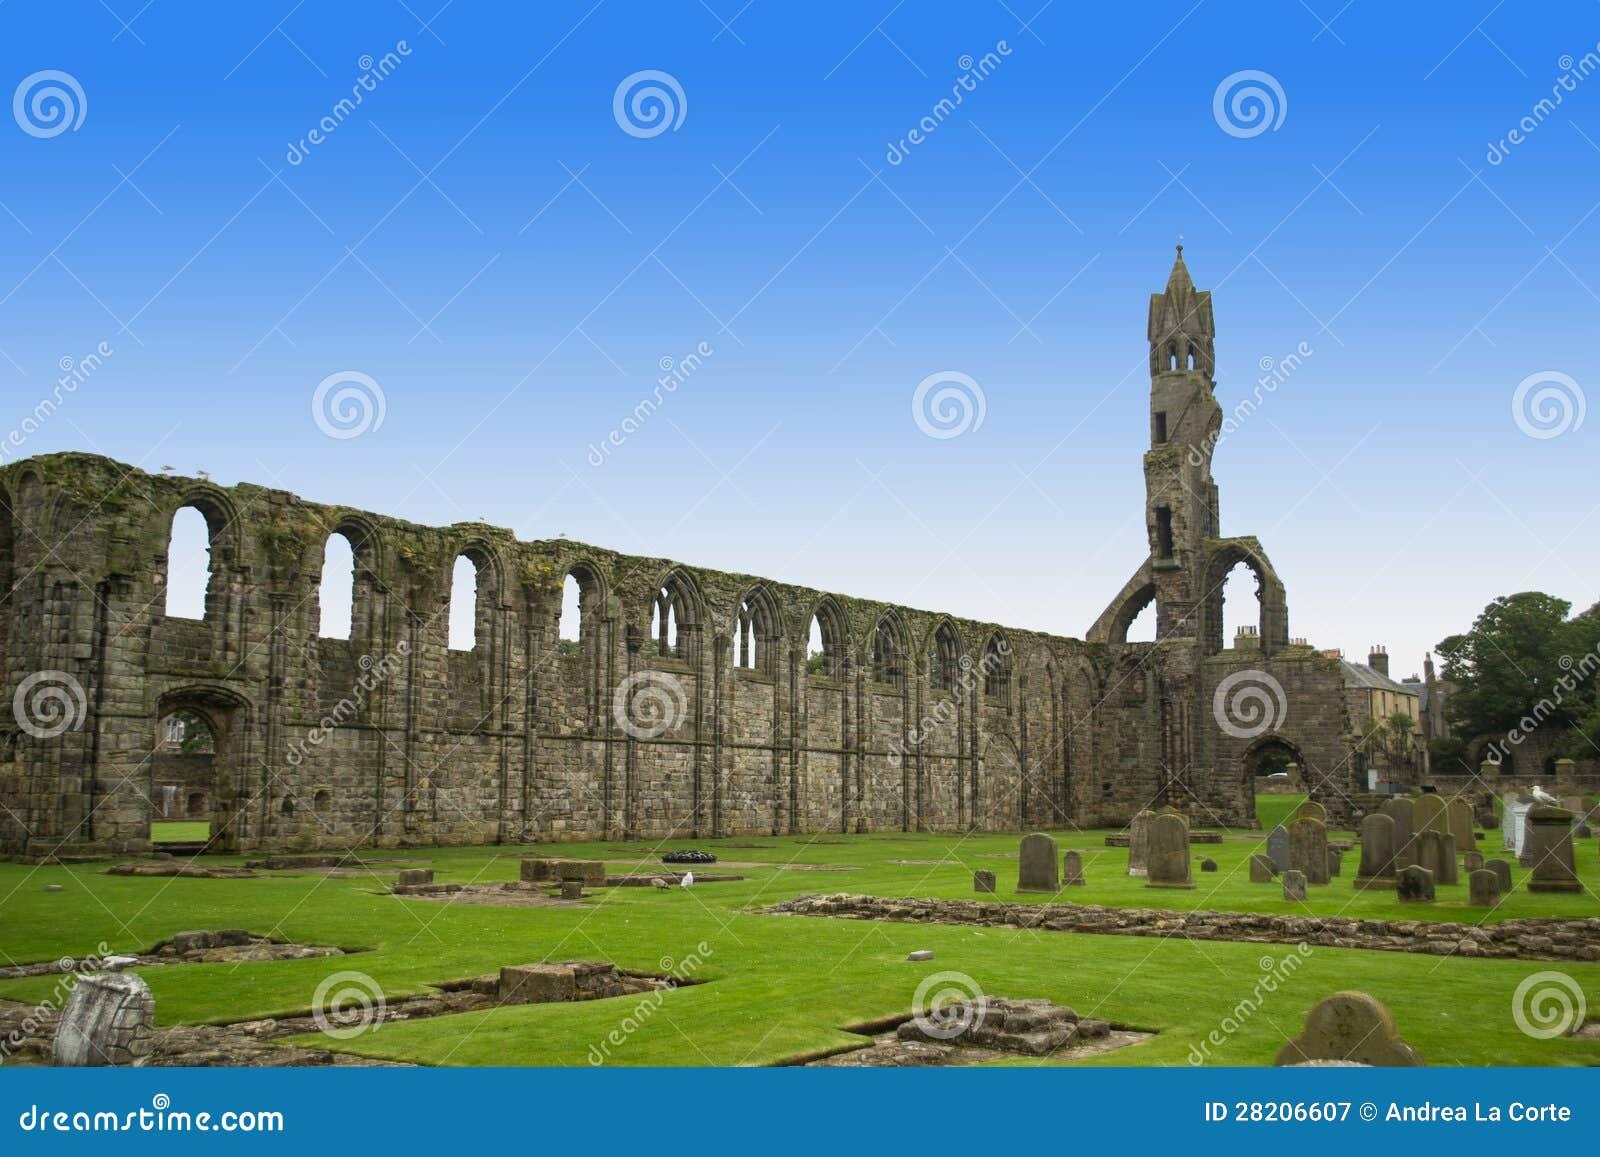 St Andrews kathedraalgronden